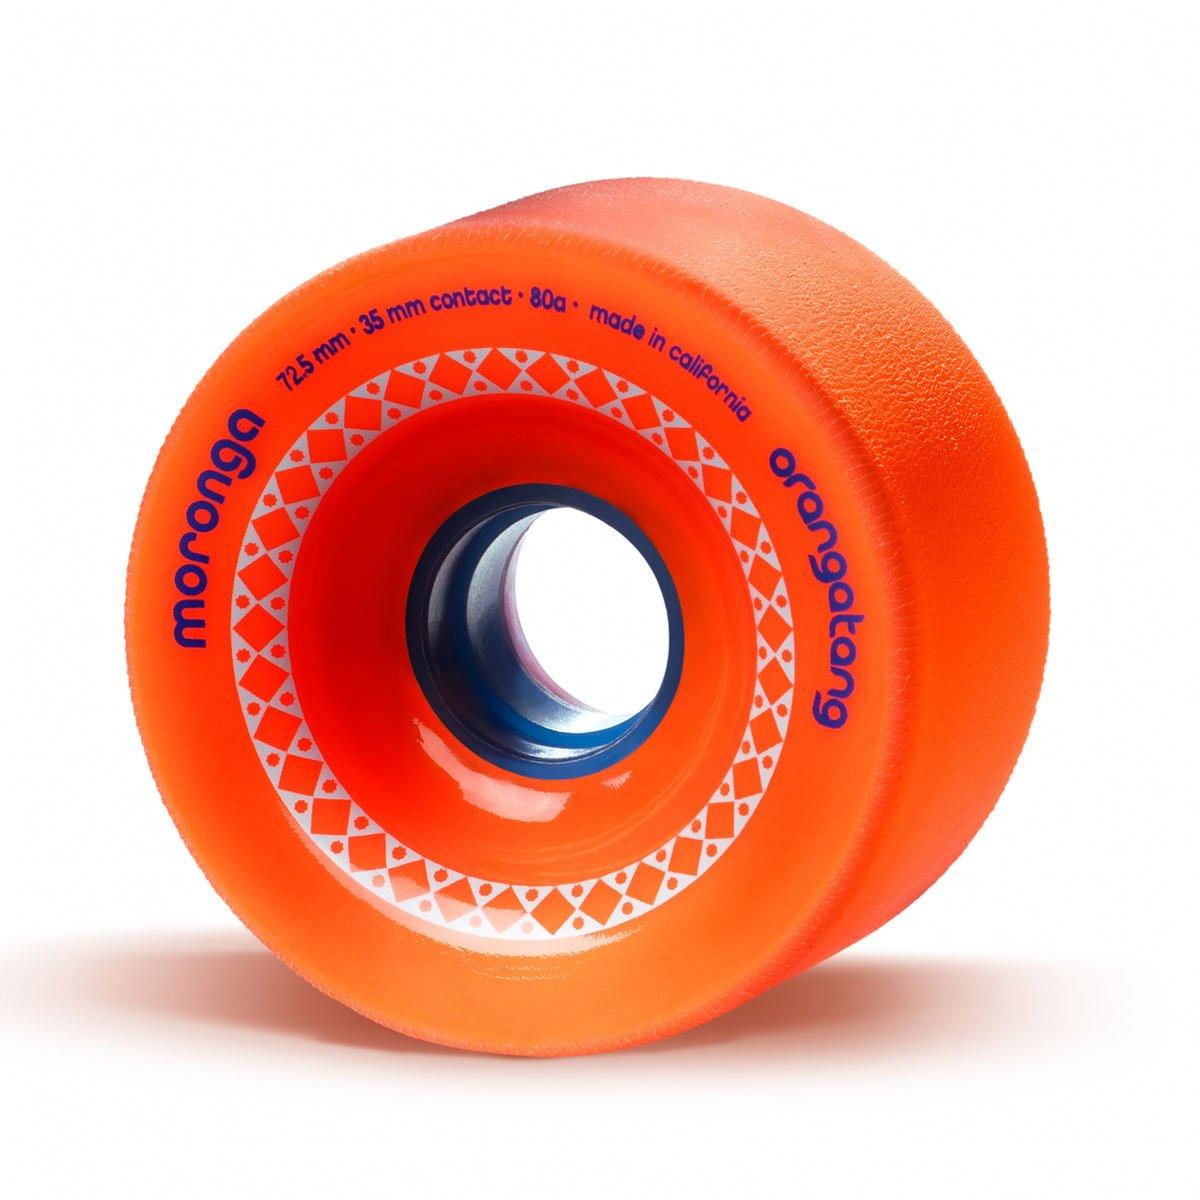 Orangatang Moronga 72.5mm 80a Orange Longboard Wheels Set of 4 by Orangatang   B074XFR7H4